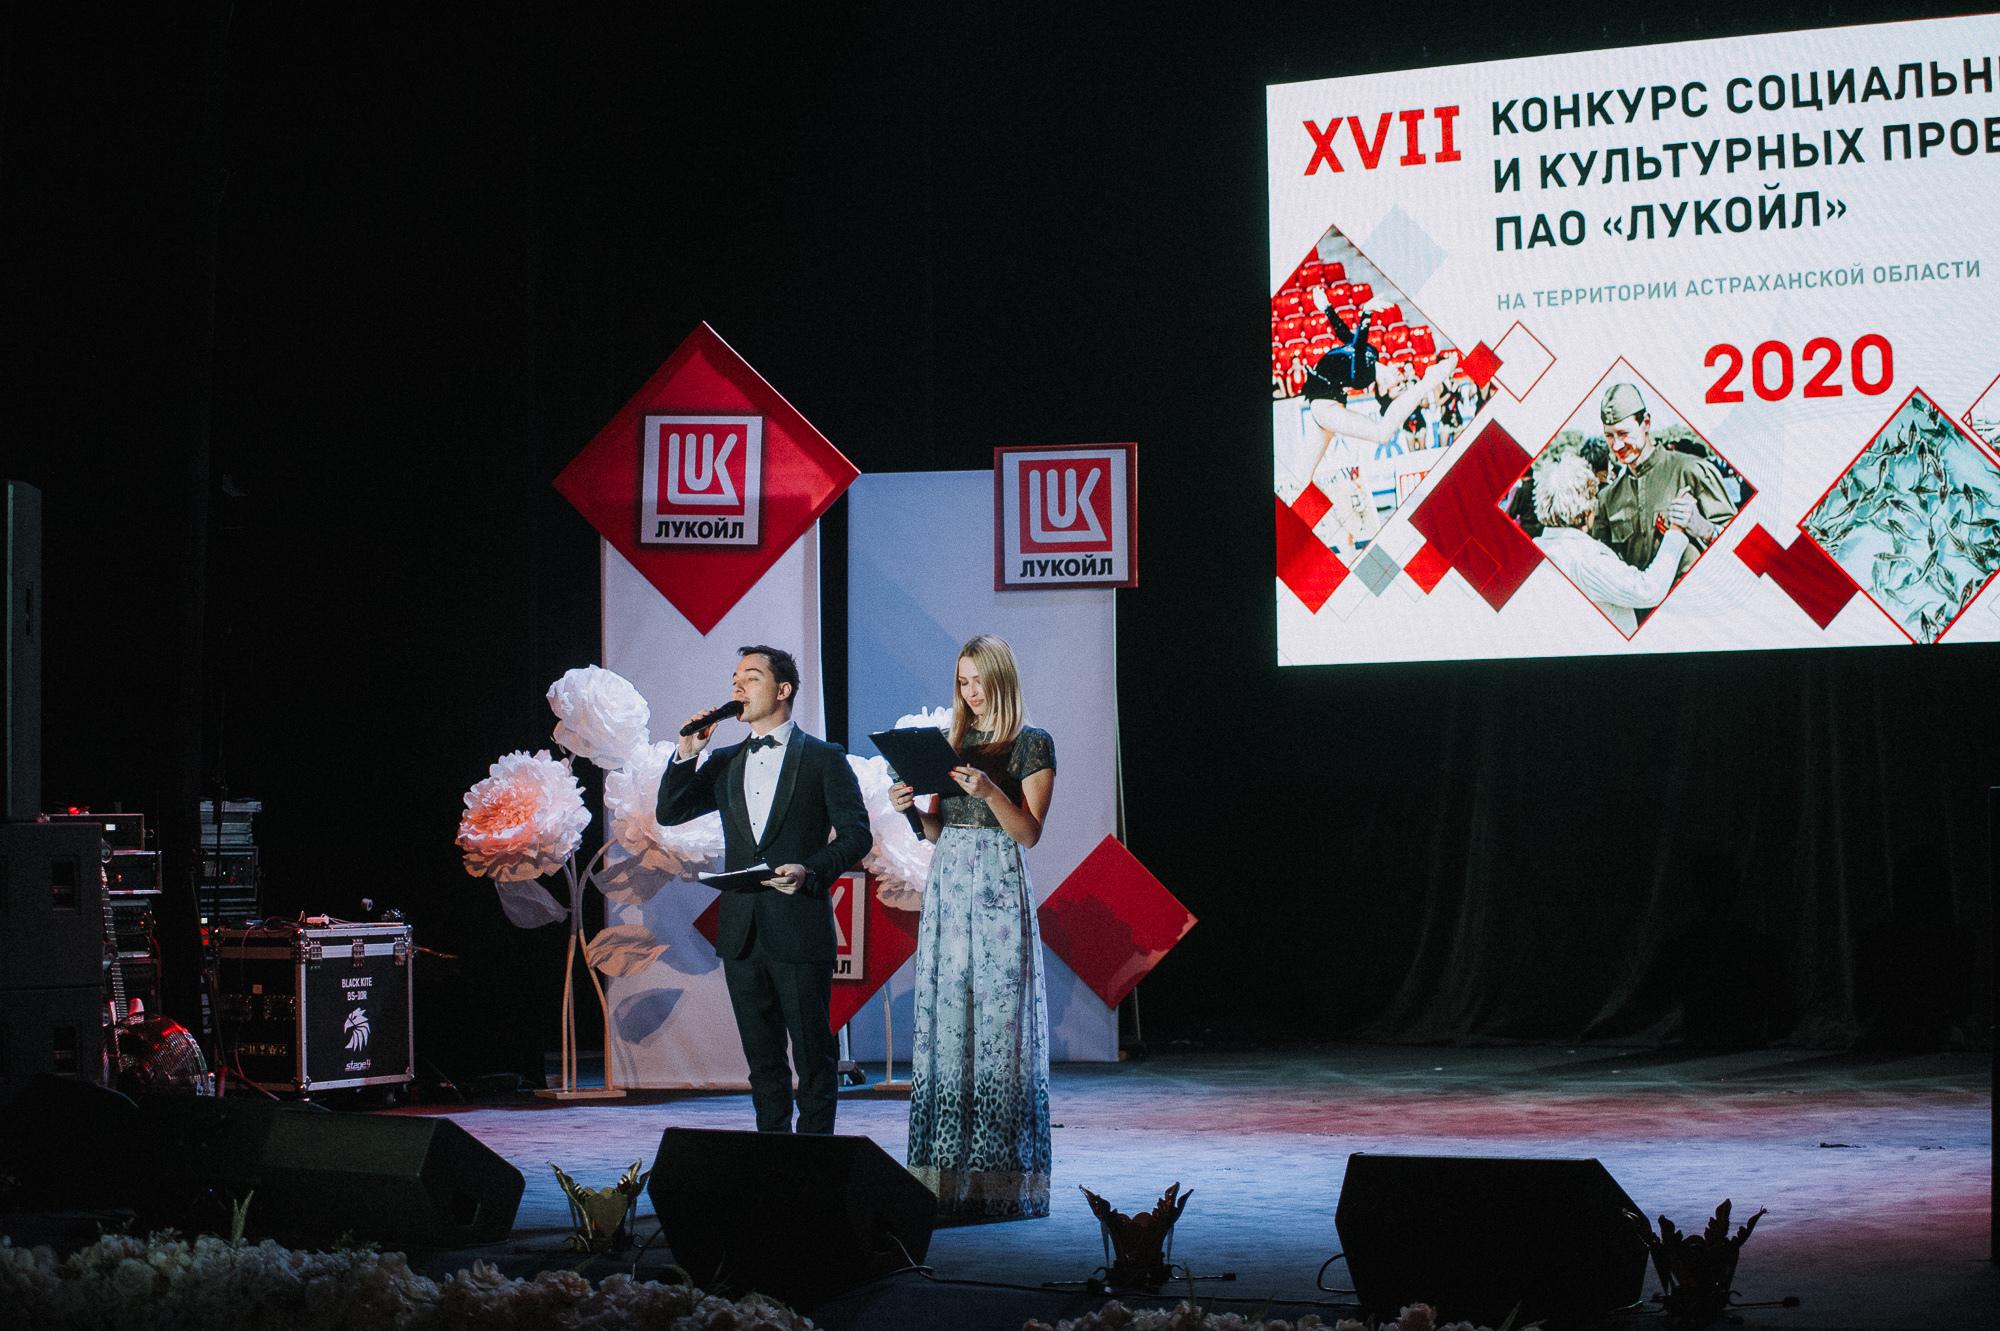 2 В Астрахани ЛУКОЙЛ наградил победителей конкурса соцпроектов